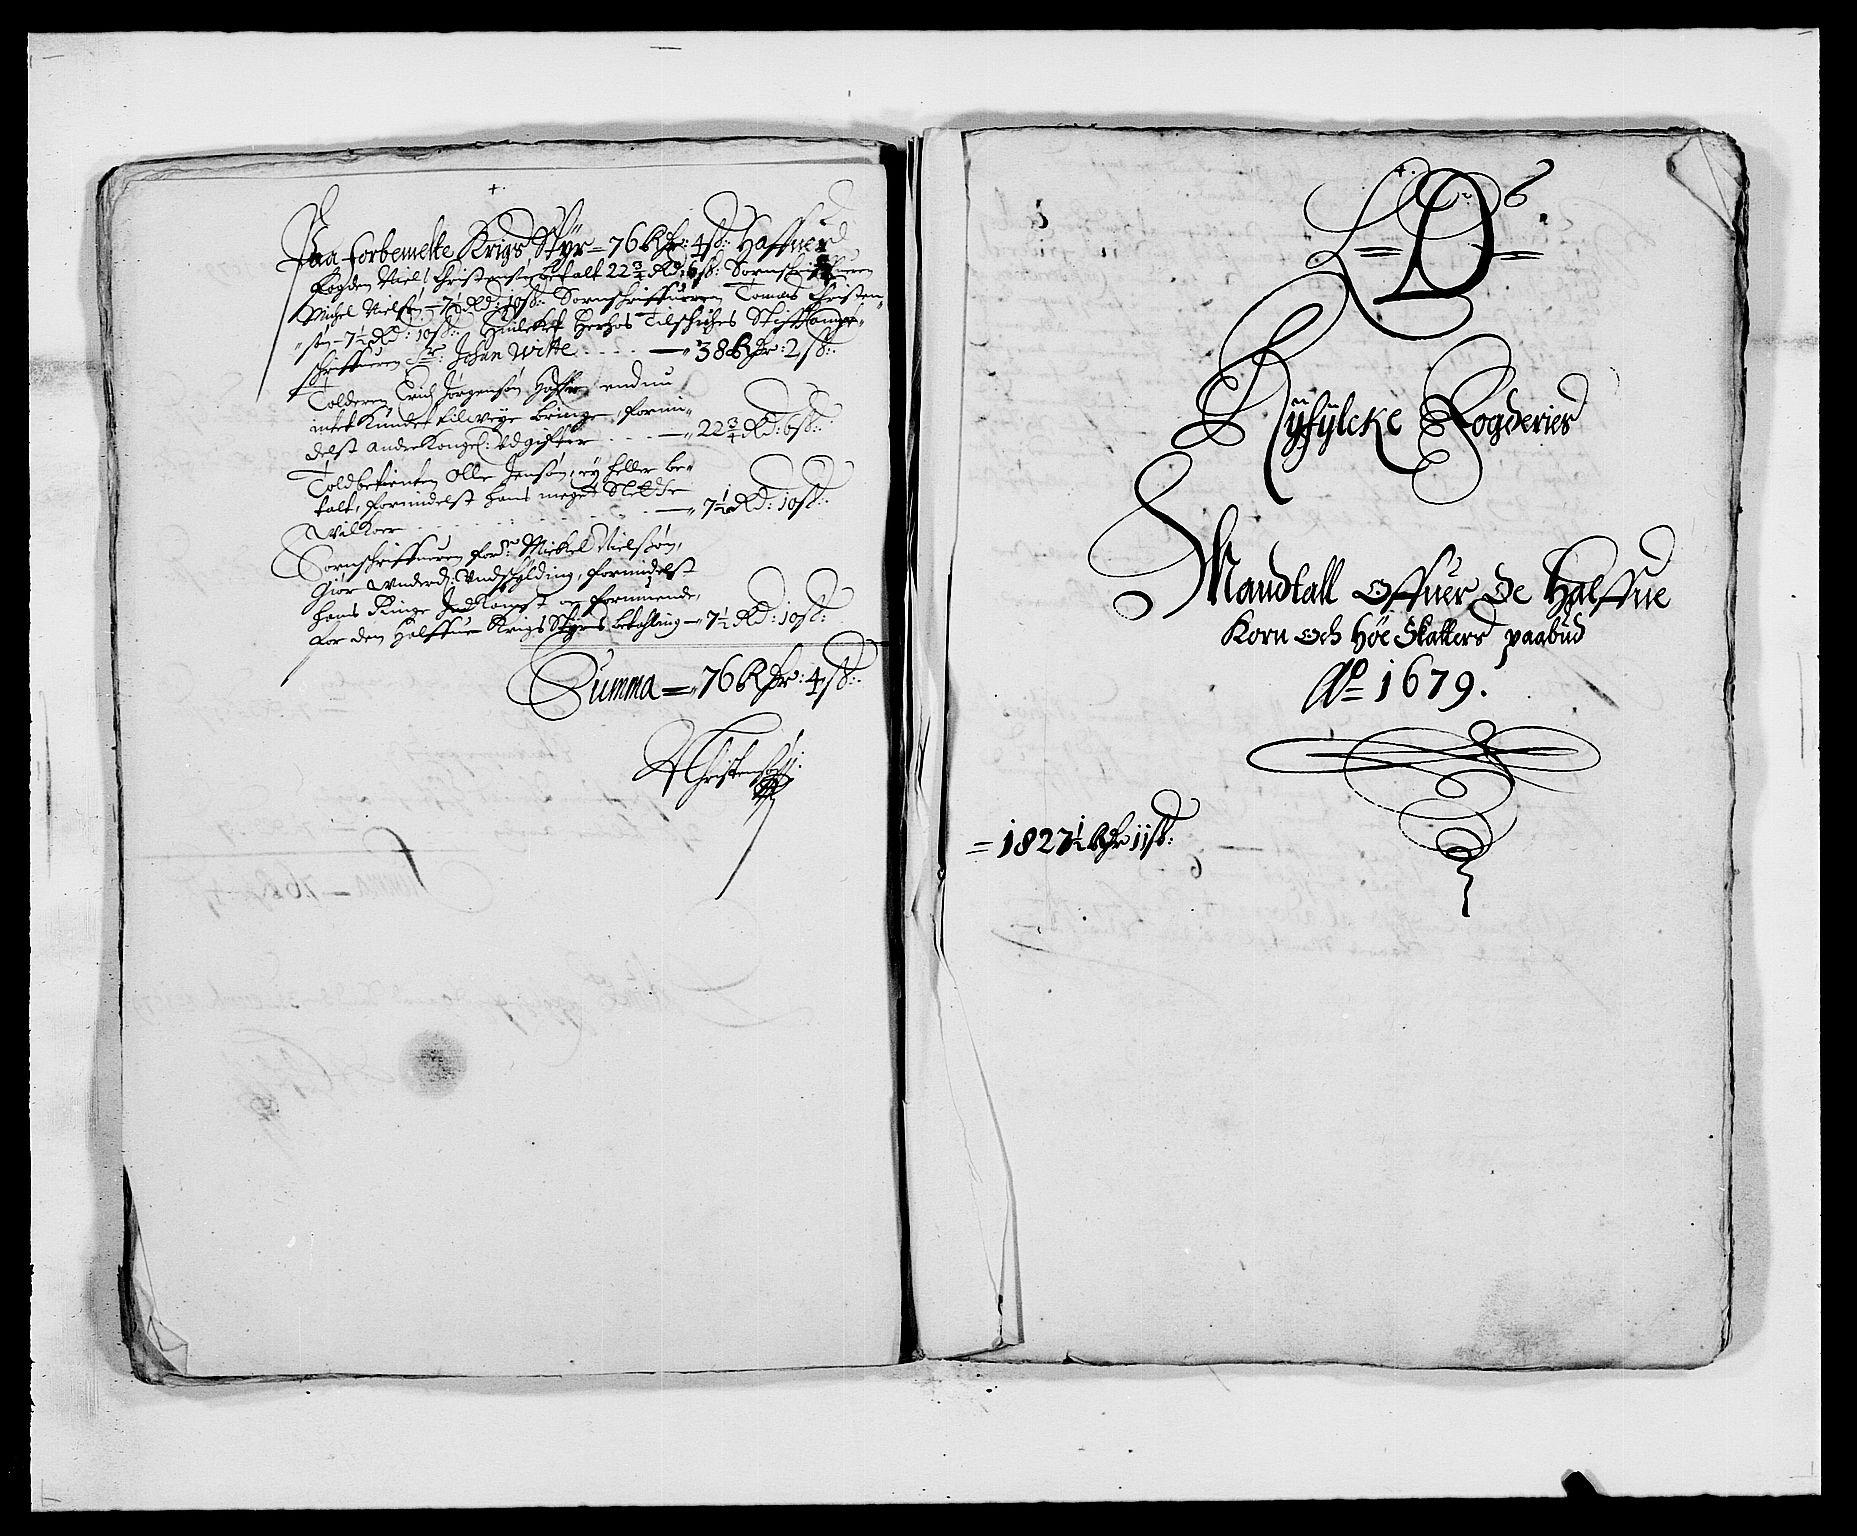 RA, Rentekammeret inntil 1814, Reviderte regnskaper, Fogderegnskap, R47/L2849: Fogderegnskap Ryfylke, 1679, s. 86